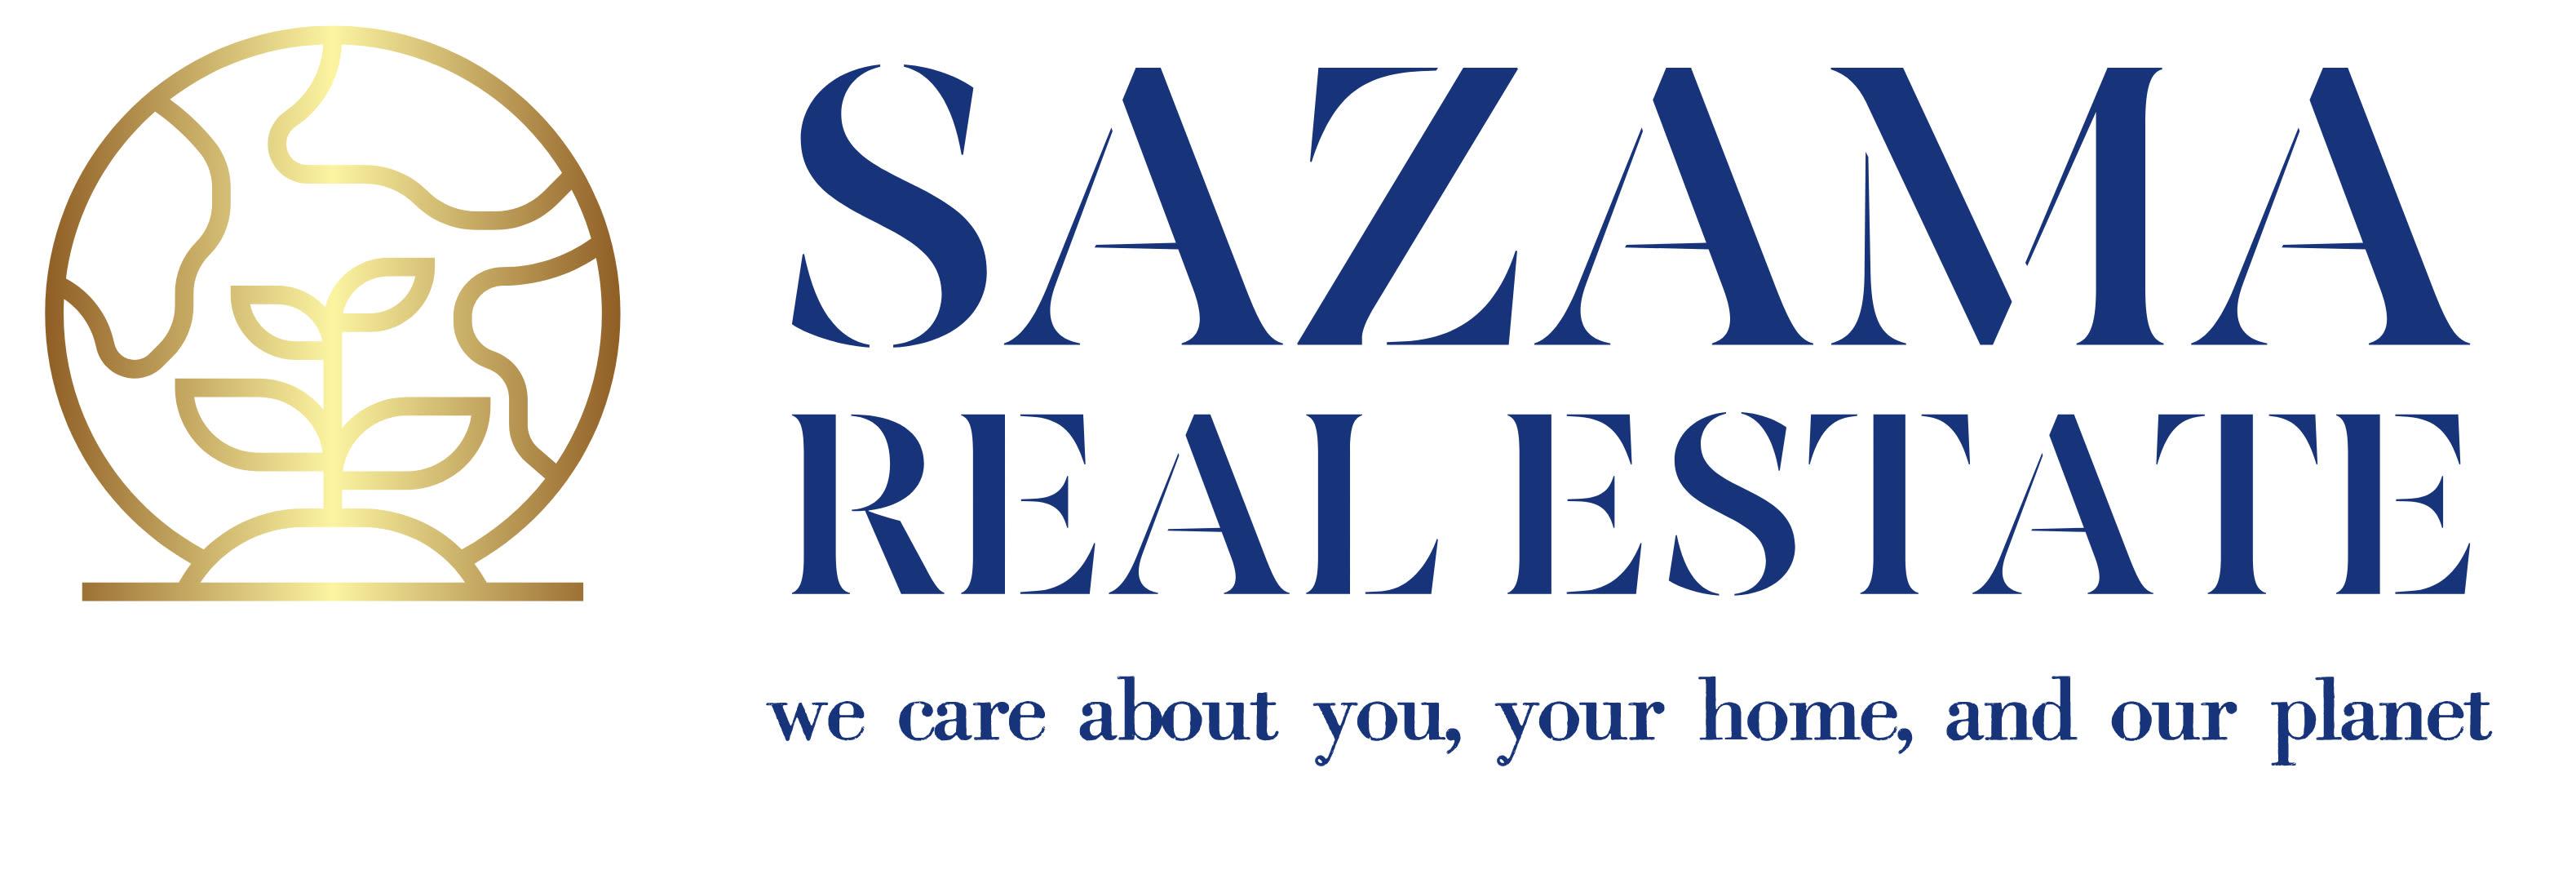 Sazama Team